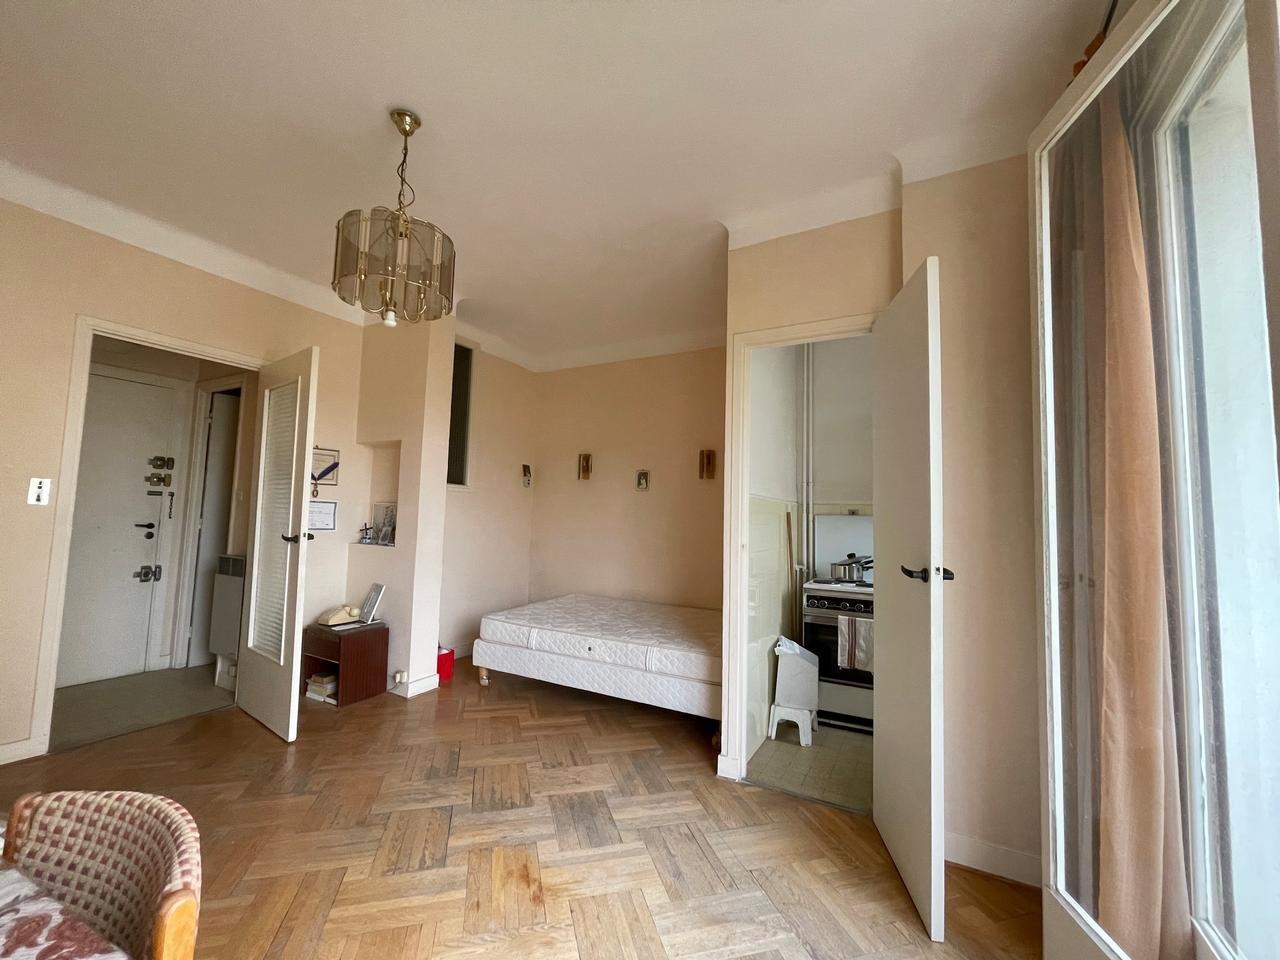 1 bedroom apartment in Nice Fleurs